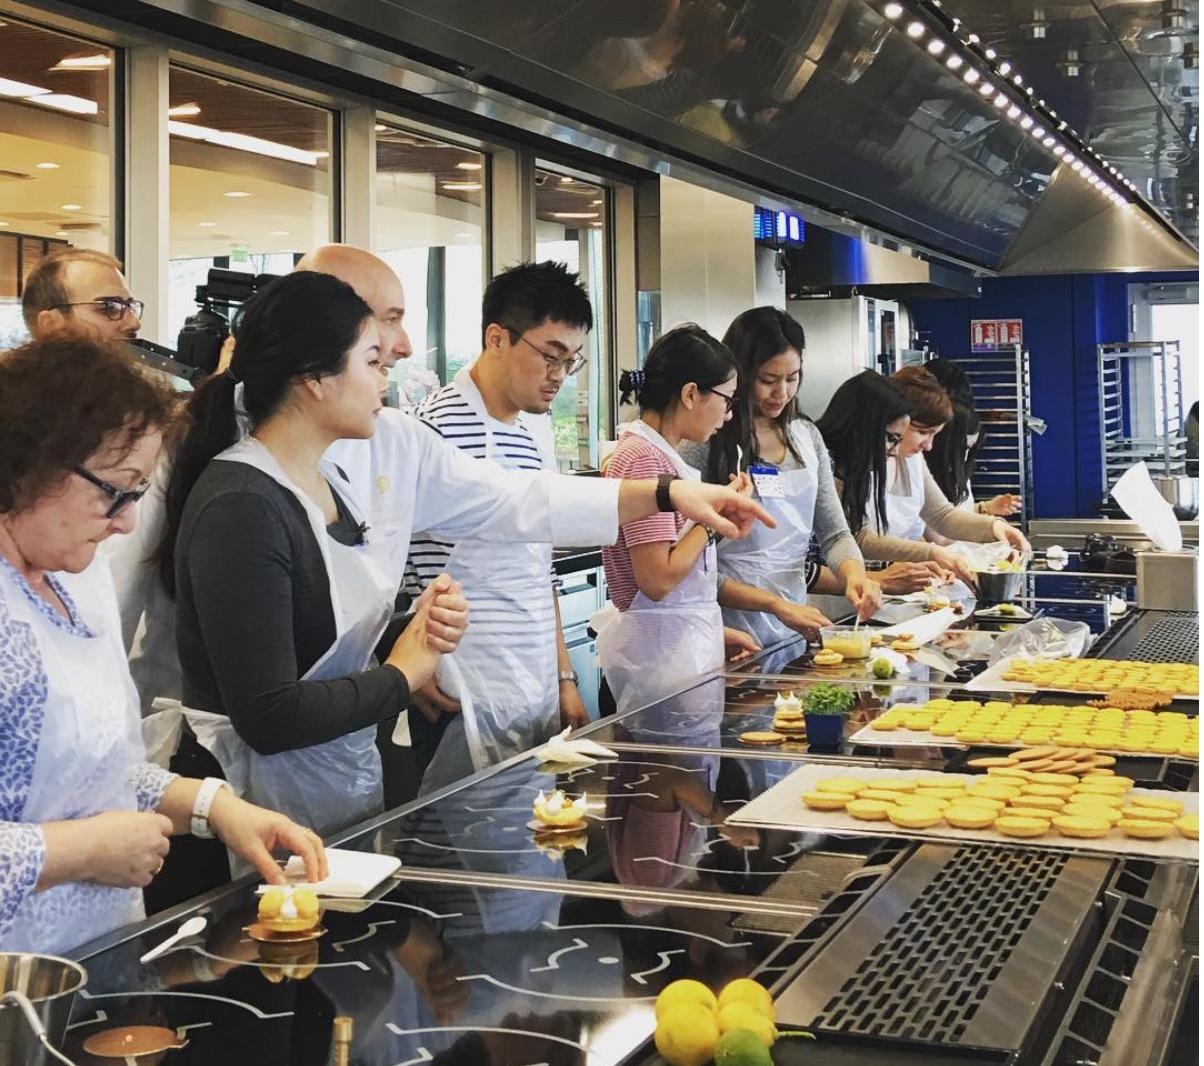 Cu l es la mejor escuela de cocina del mundo comida - Escuela de cocina ...